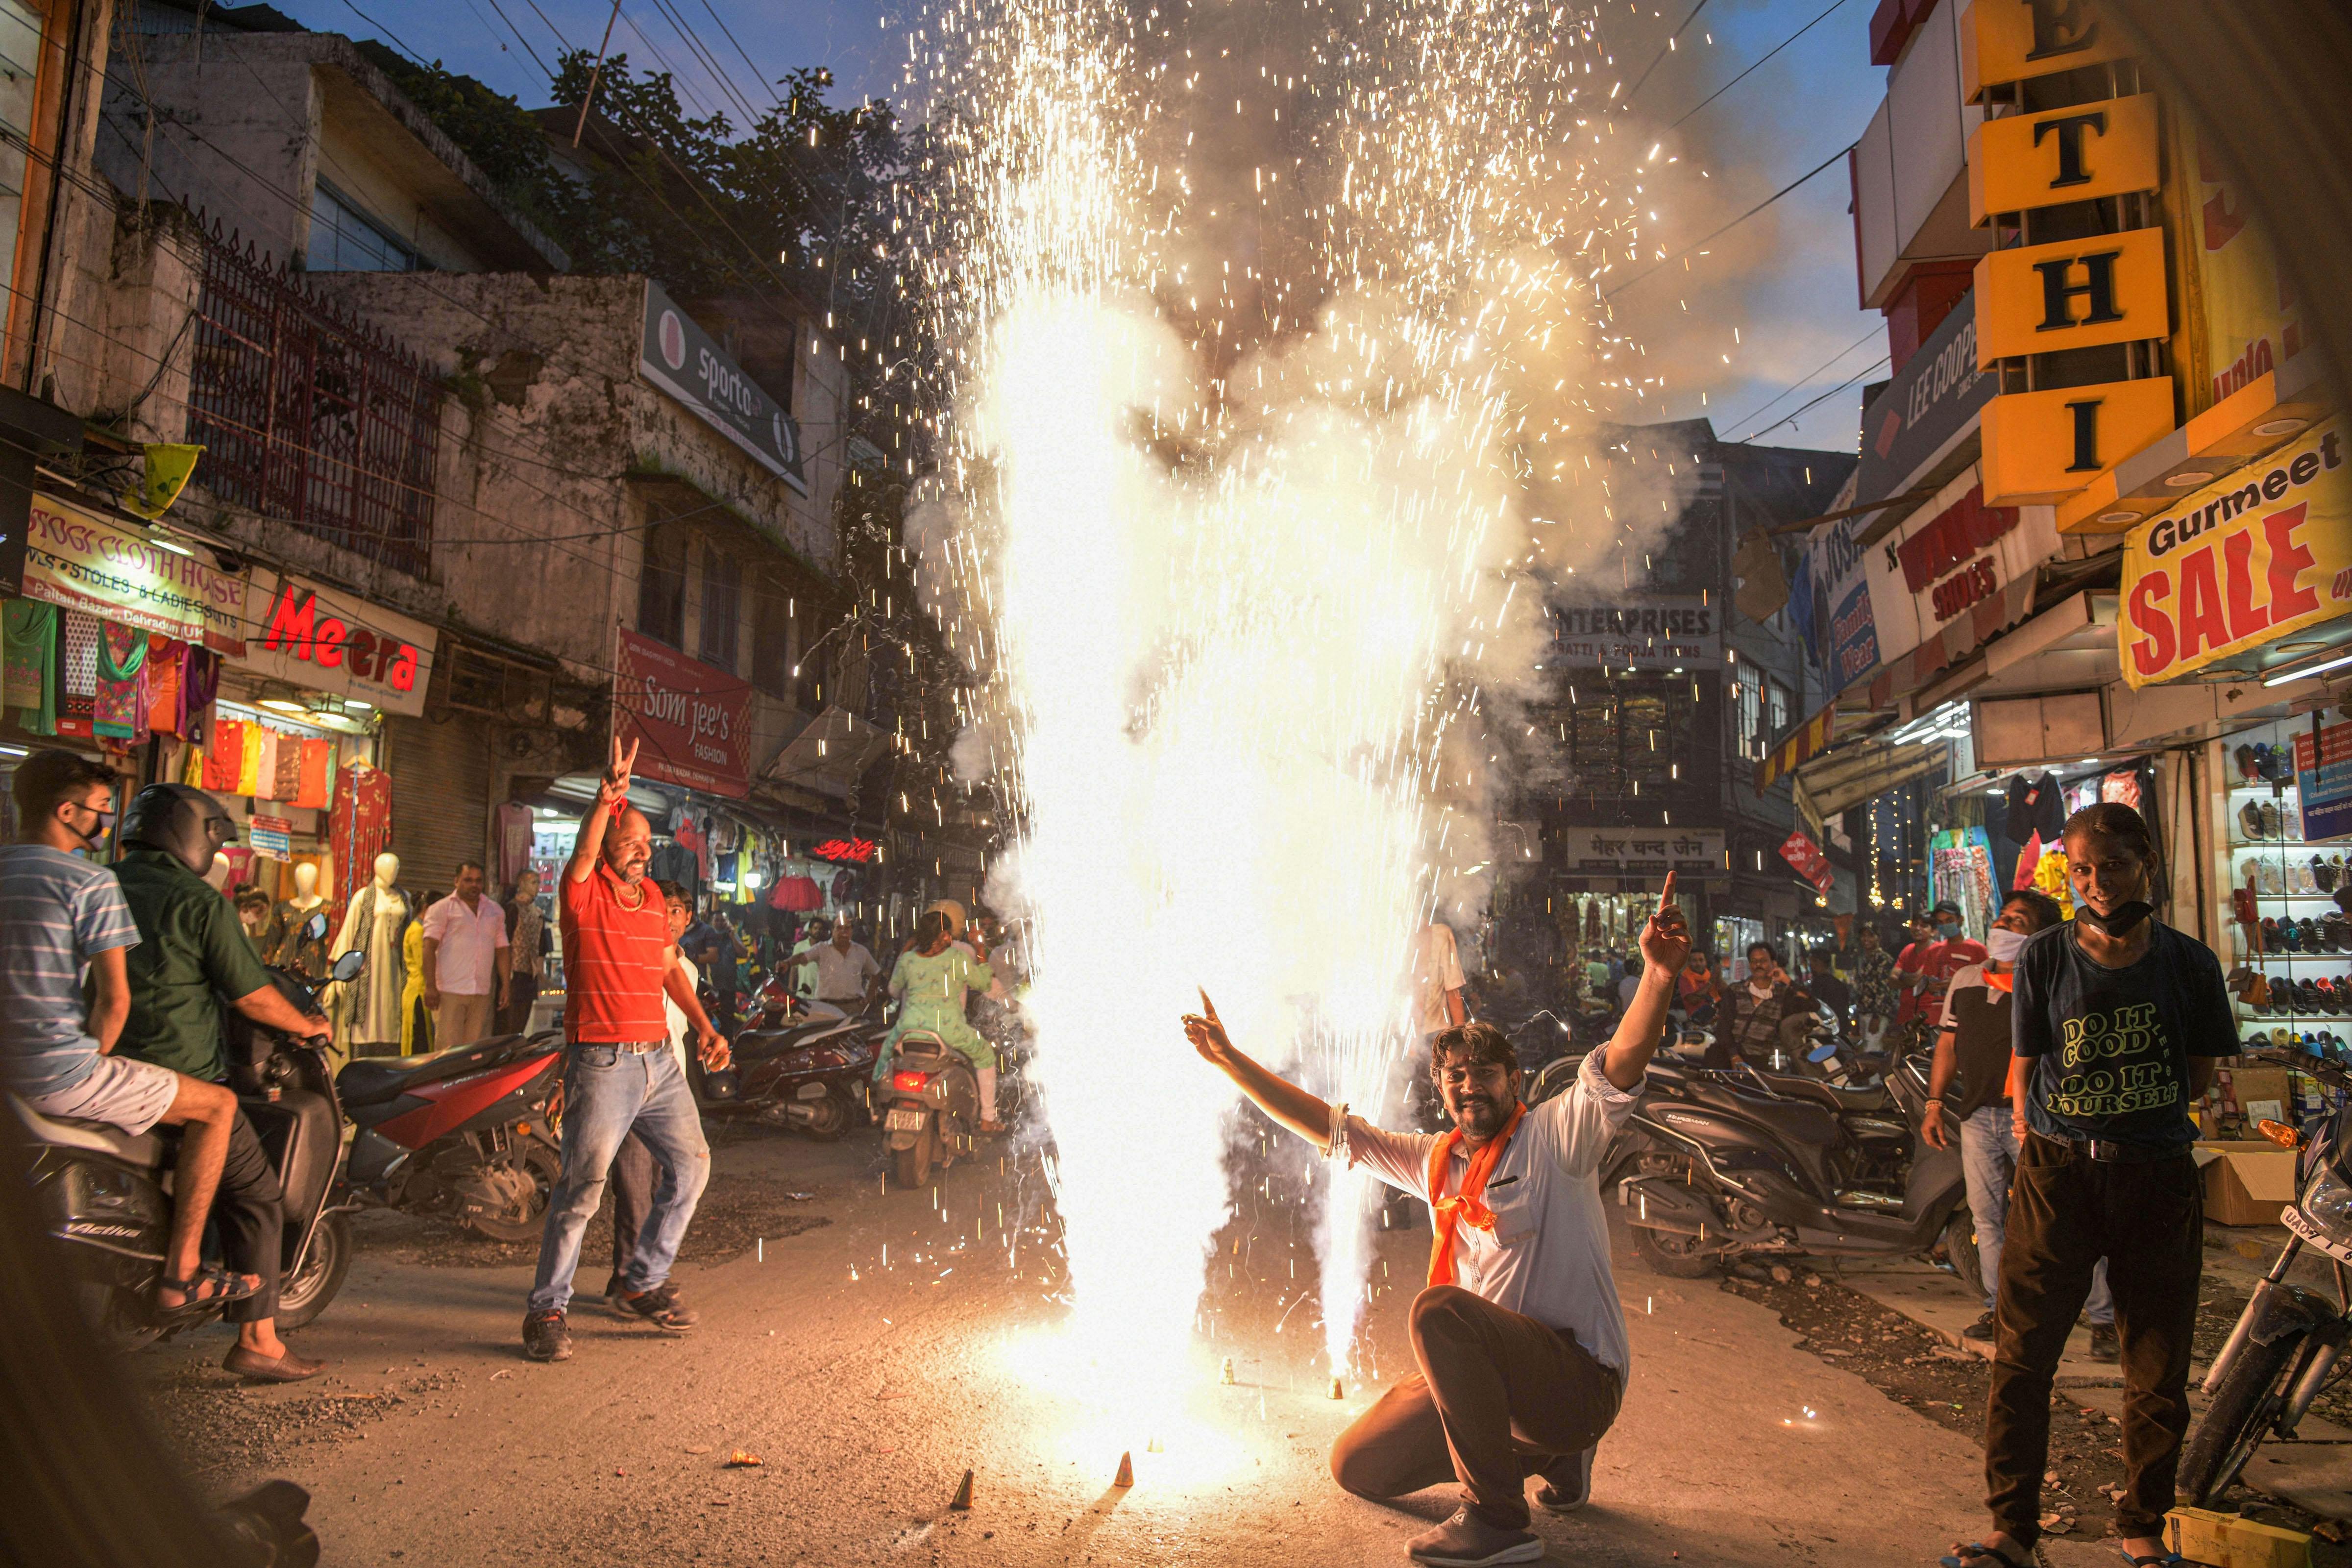 দেরাদুনে আনন্দে মাতলেন বিজেপি কর্মীরা (PTI)